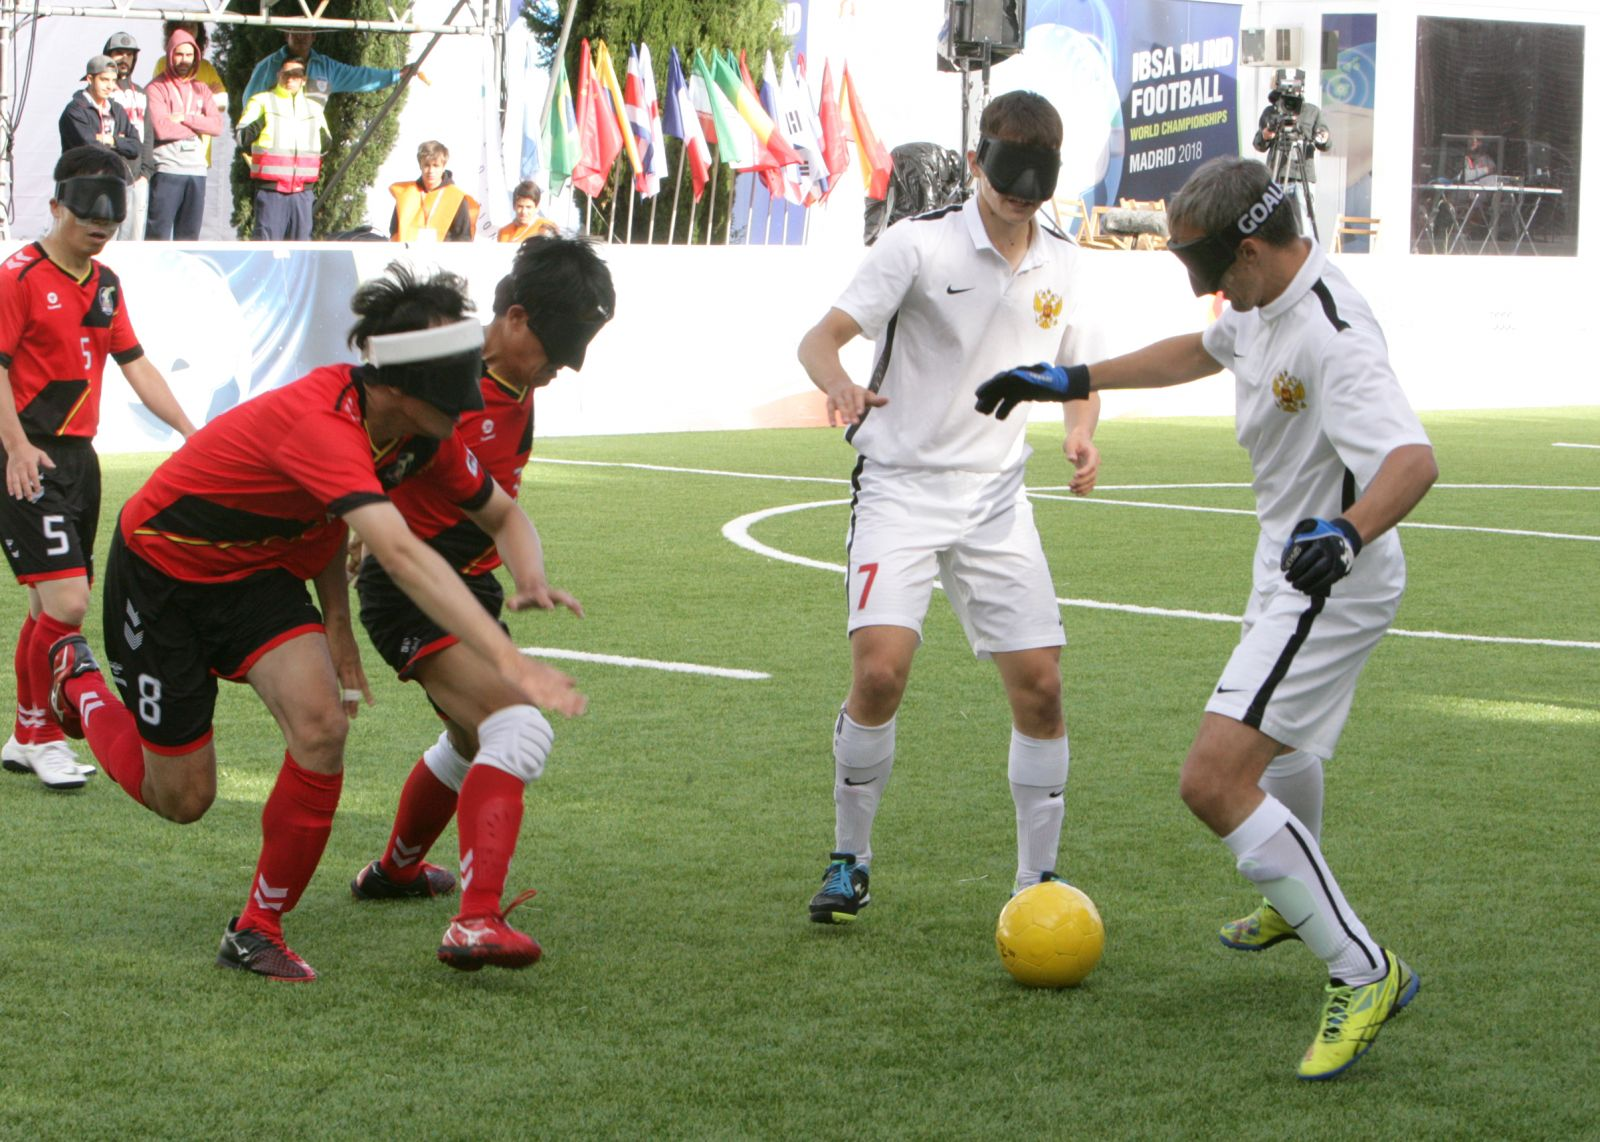 Сборная команда России по мини-футболу 5х5 класс В1 (тотально-слепые спортсмены) заняла 4 место на чемпионате мира в Испании